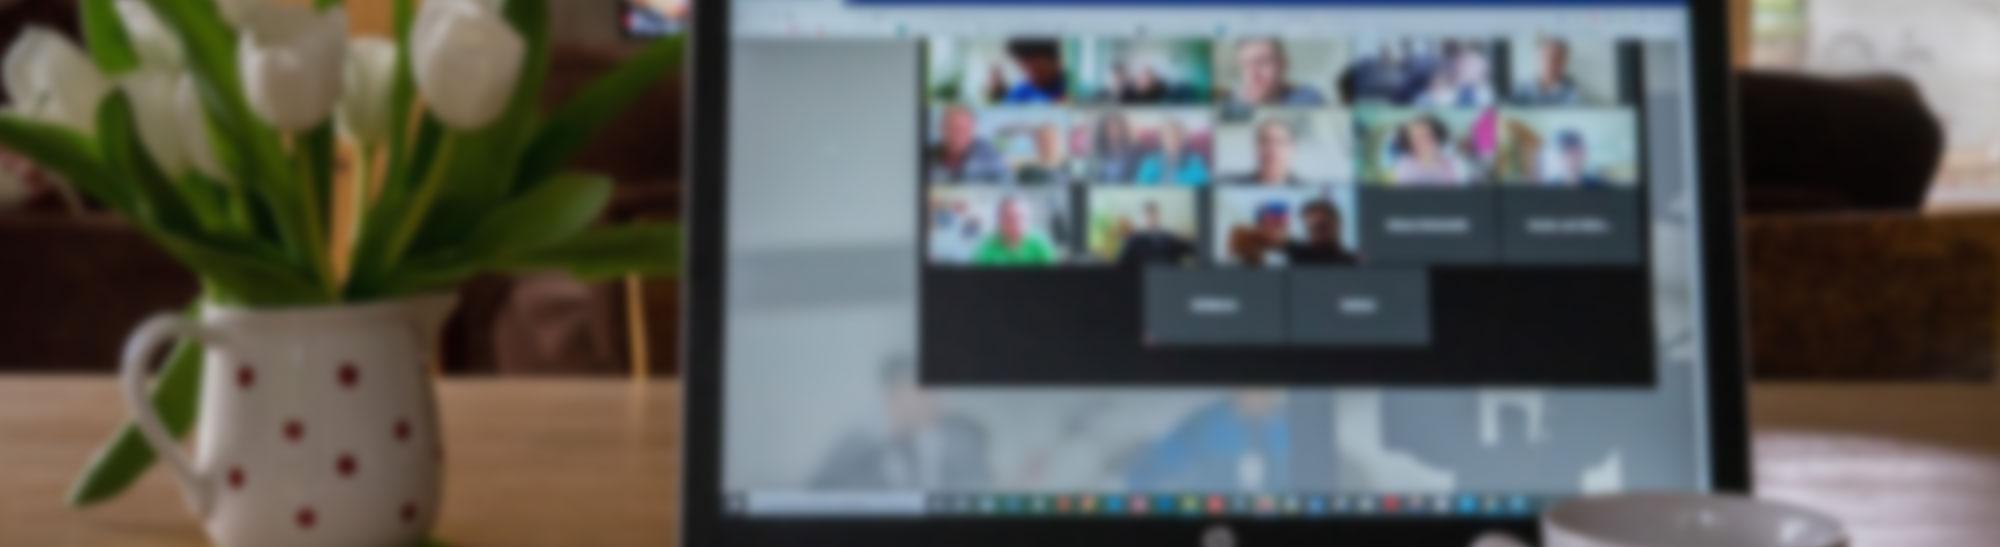 Aulas 100% online e AO VIVO no Cigam